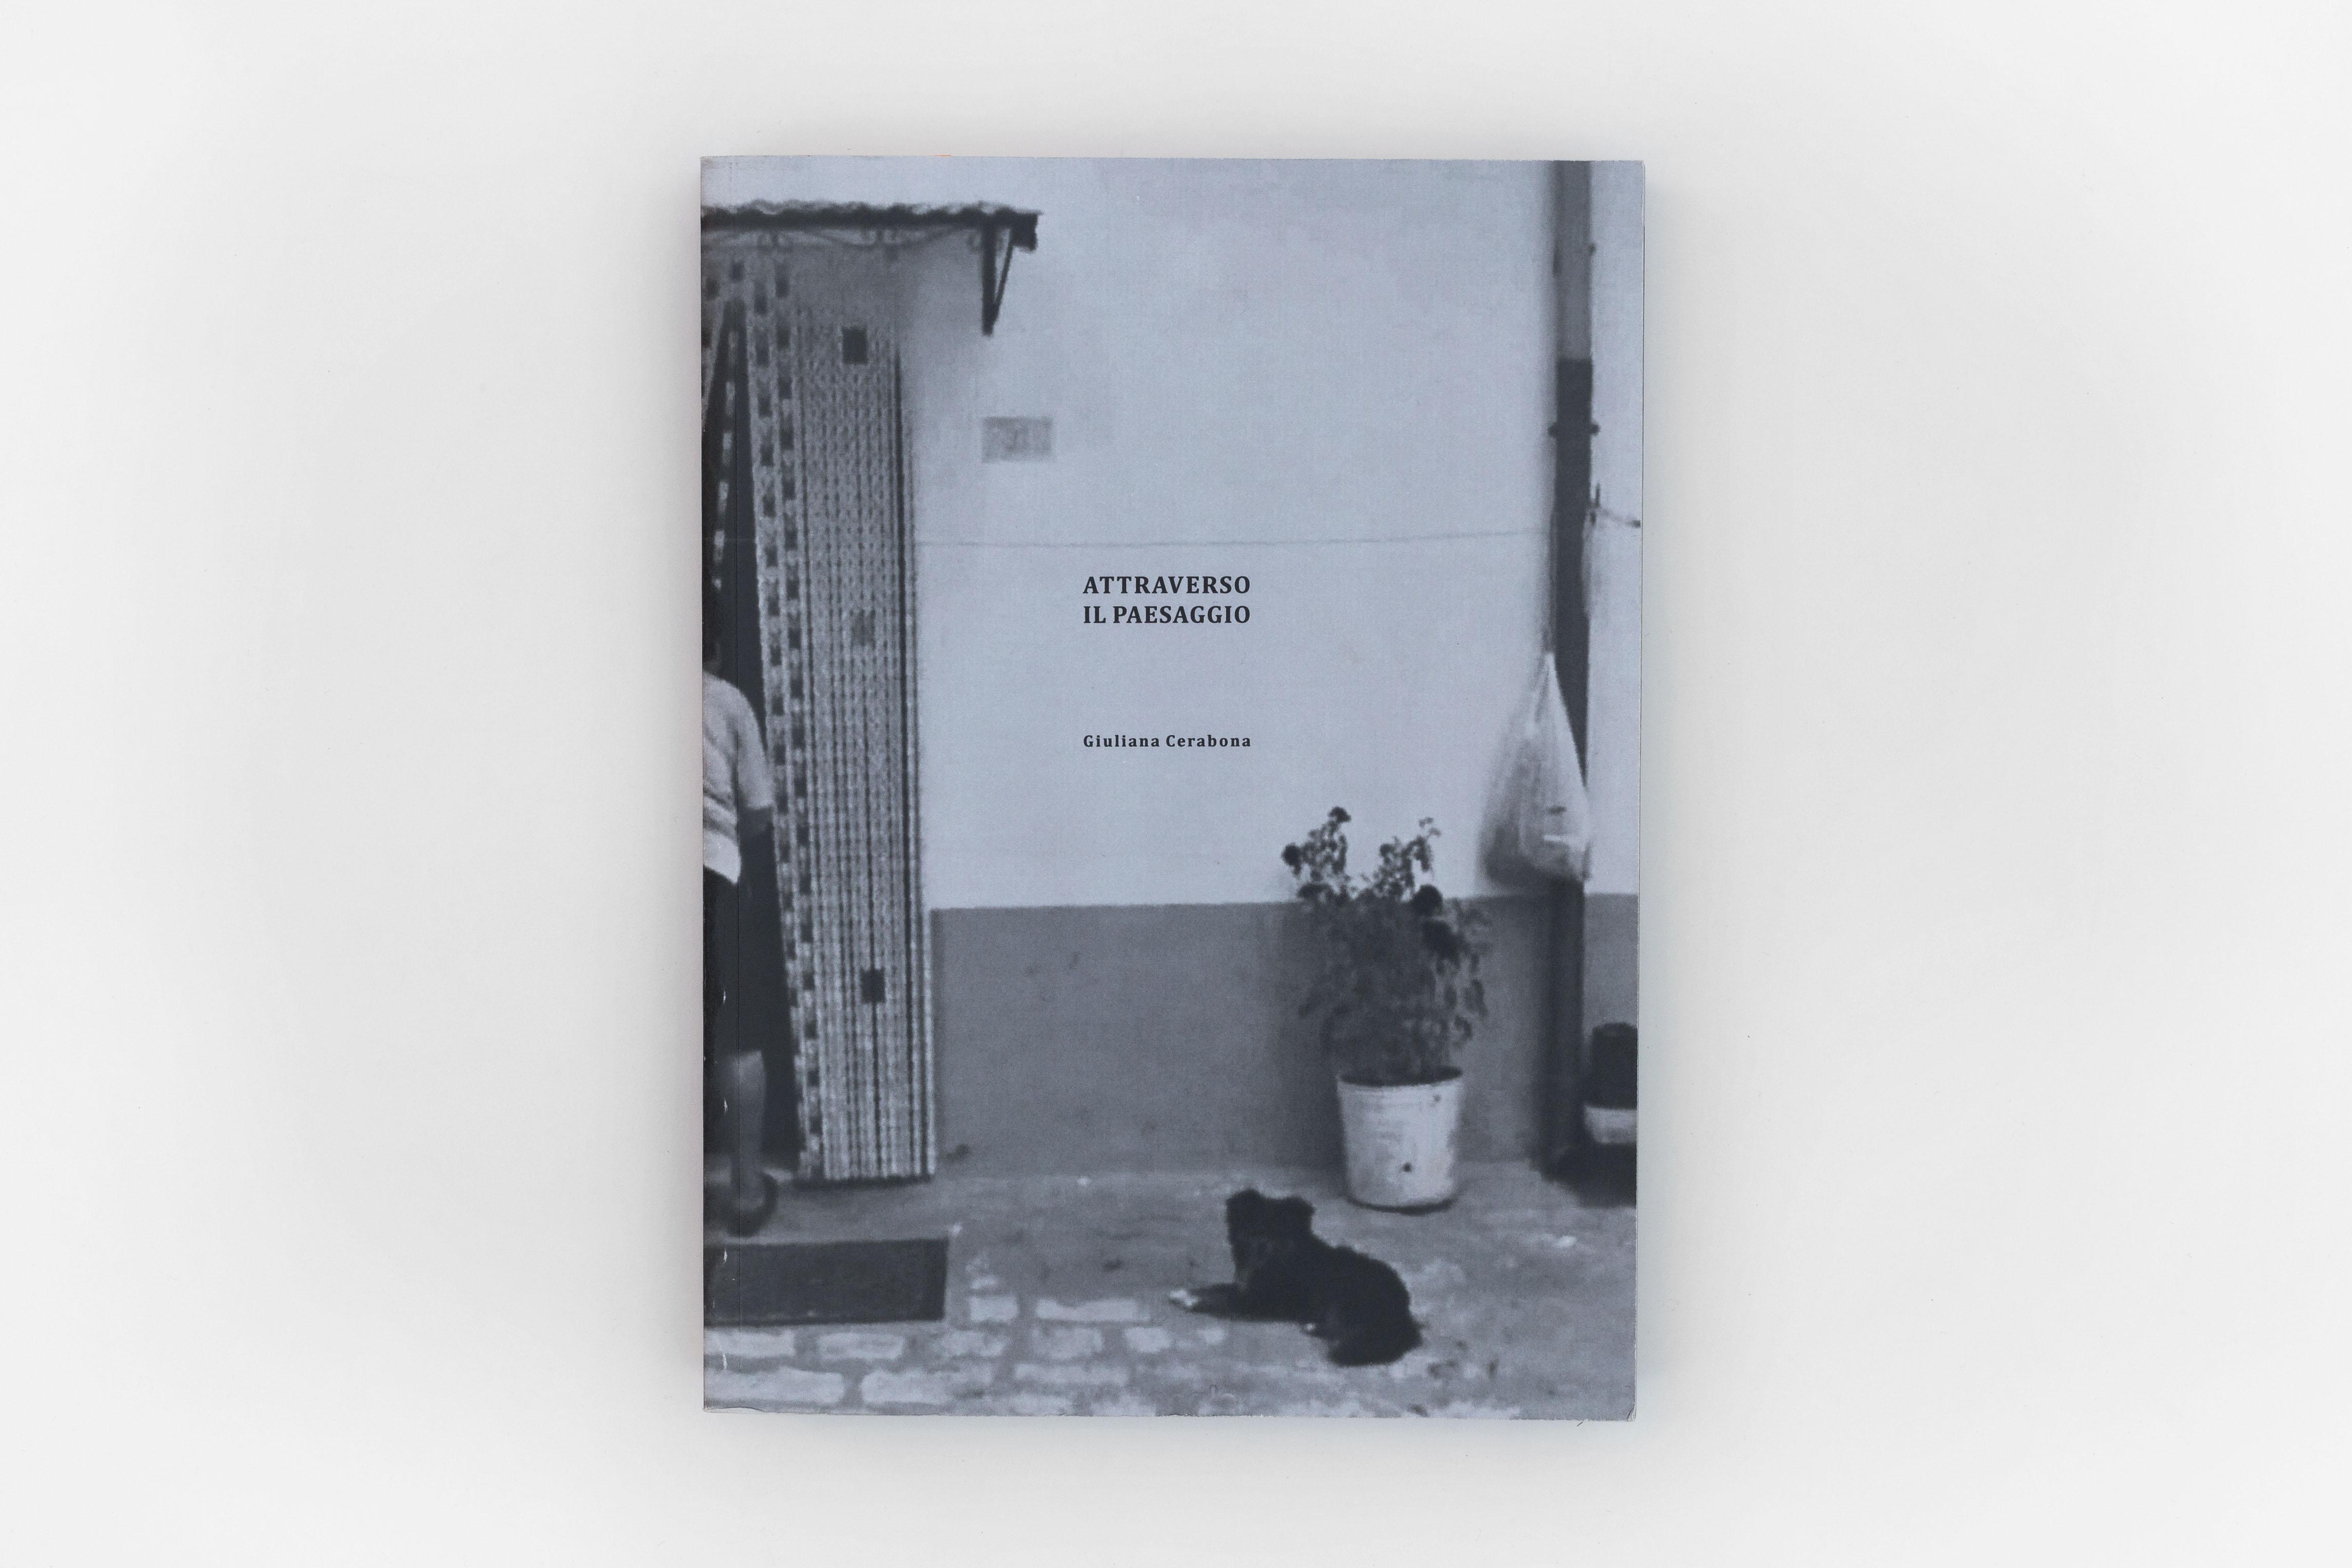 Giuliana Carabona - Attraverso il Paesaggio / Biennio Specialistico ISIA